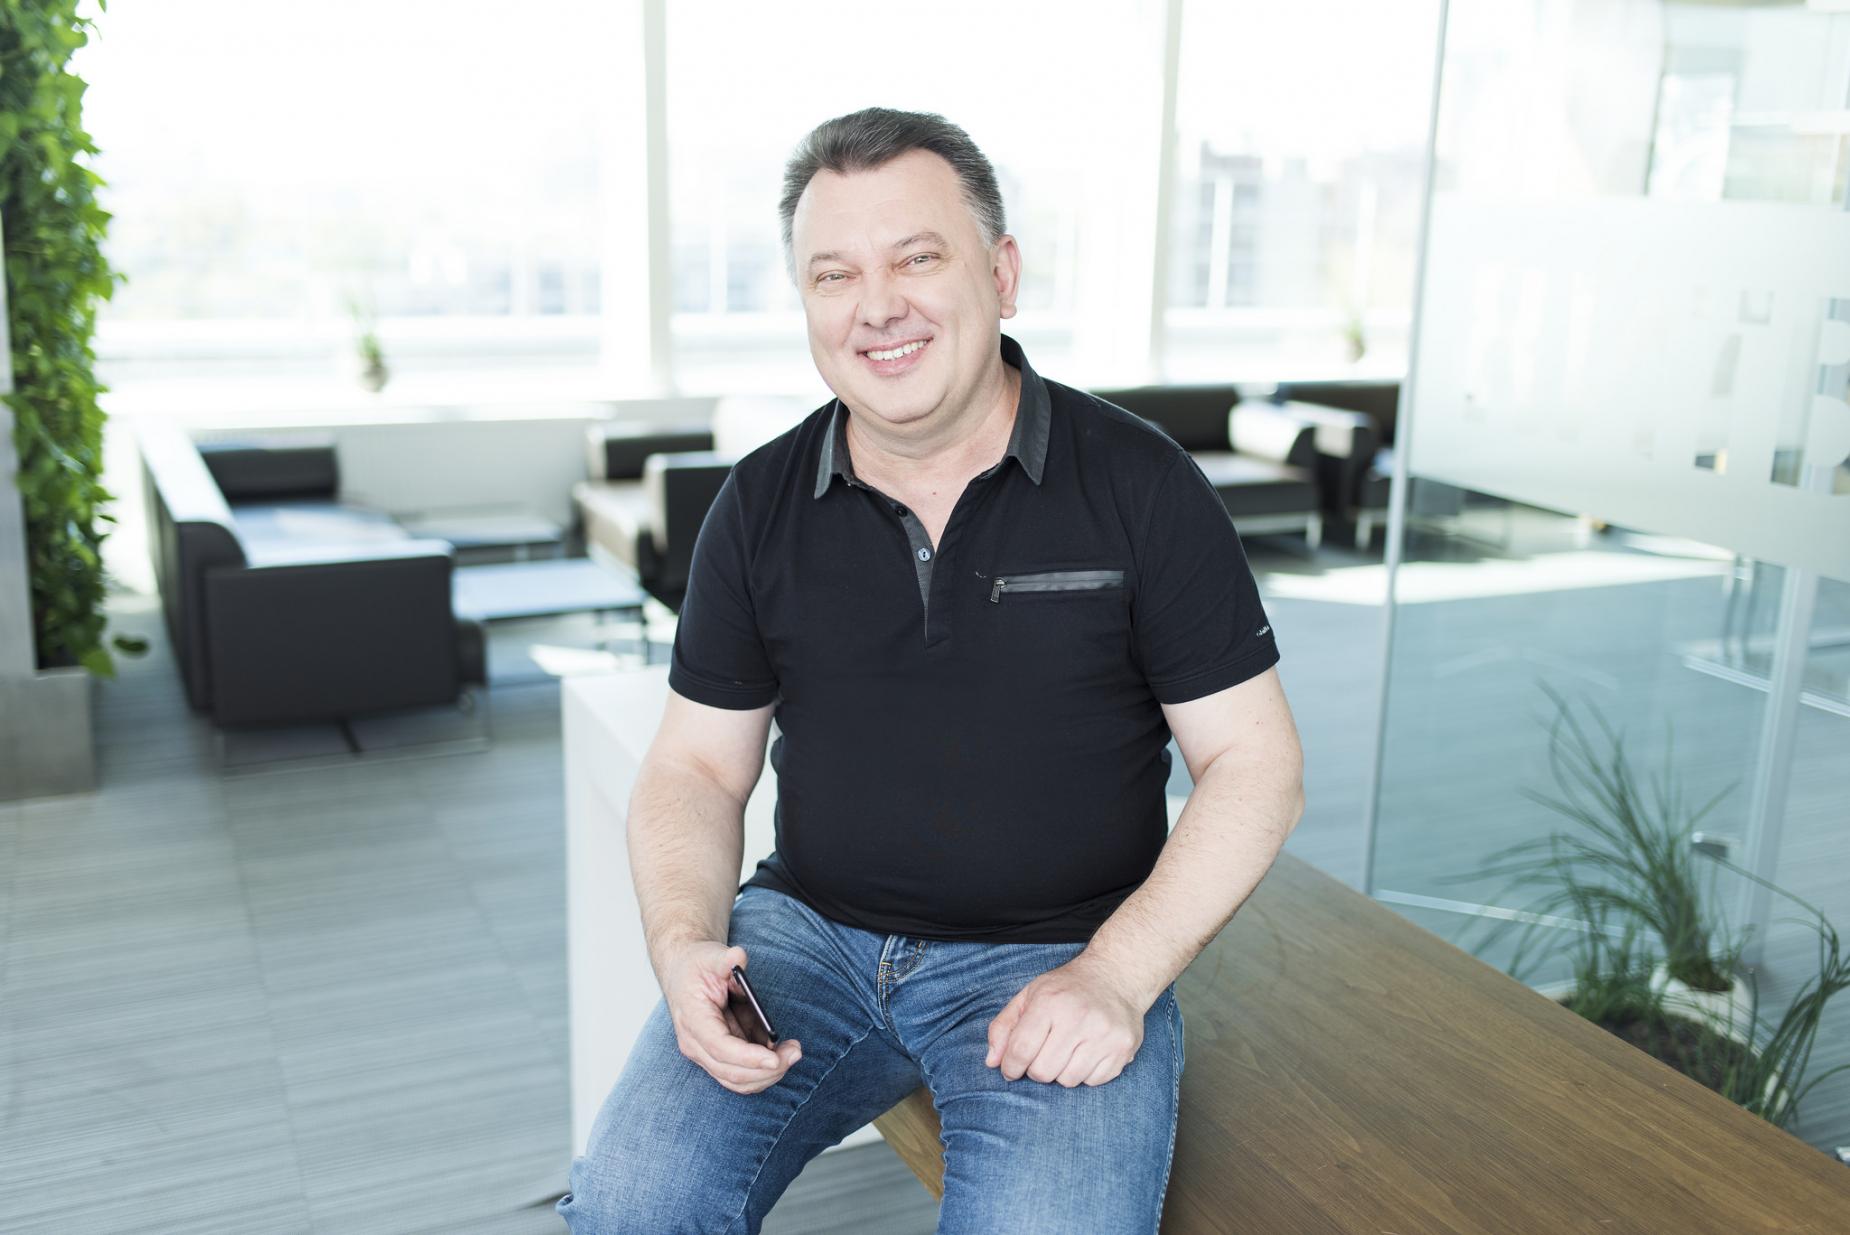 Євген Фрунза, Vodafone: «Ми будуємо із прицілом на розвиток 5G»